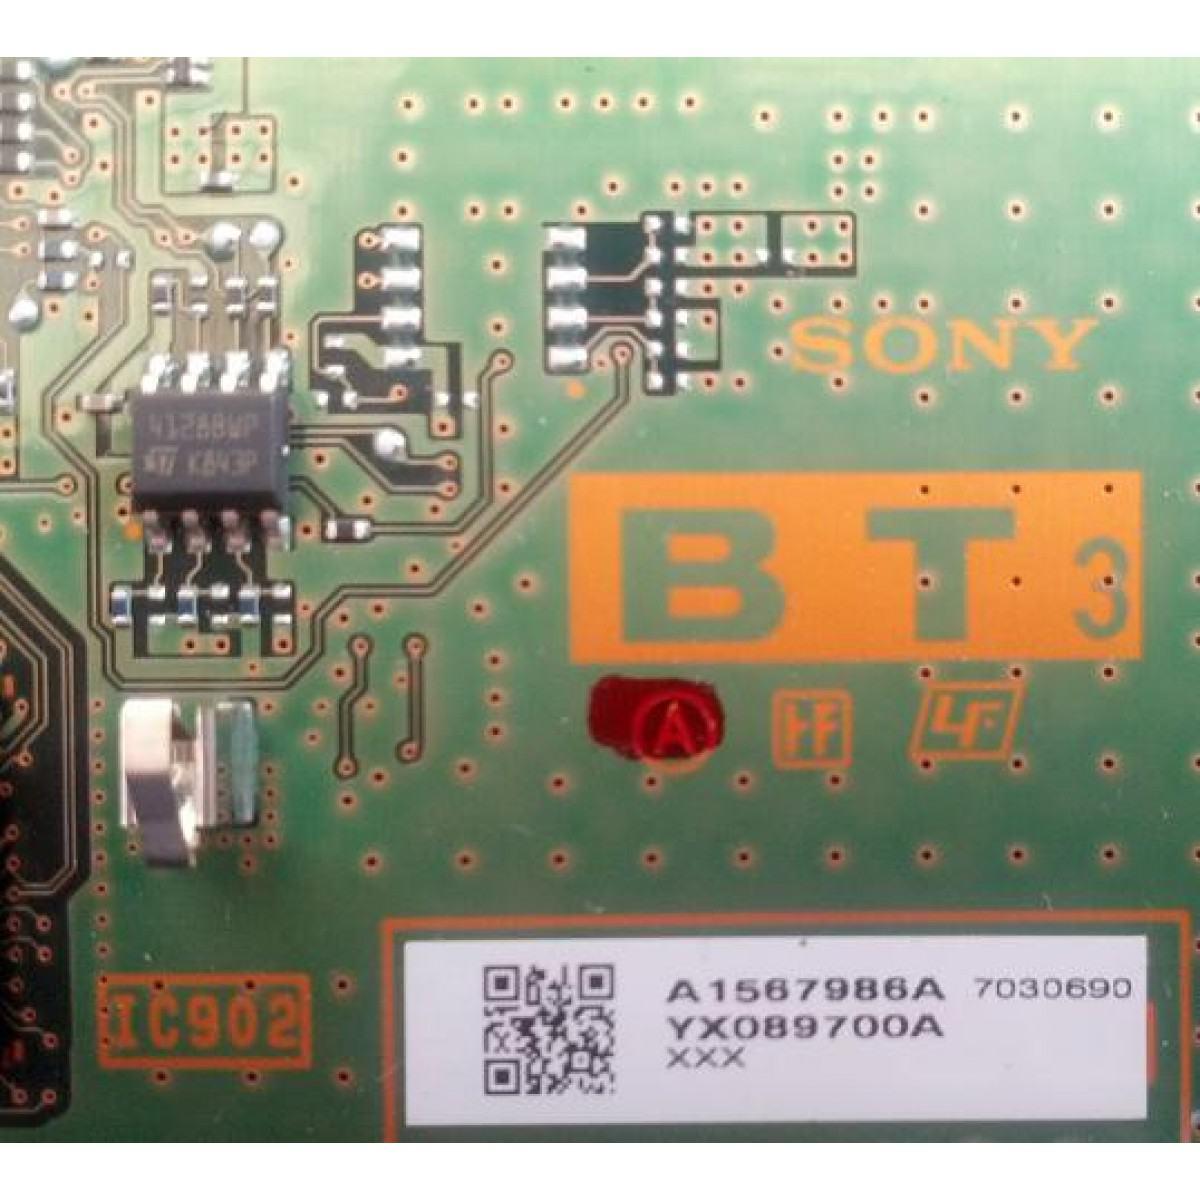 SONY KDL46EX1 LDM-E461 T-CON BOARD BT3 BOARD A1567986A 1-878